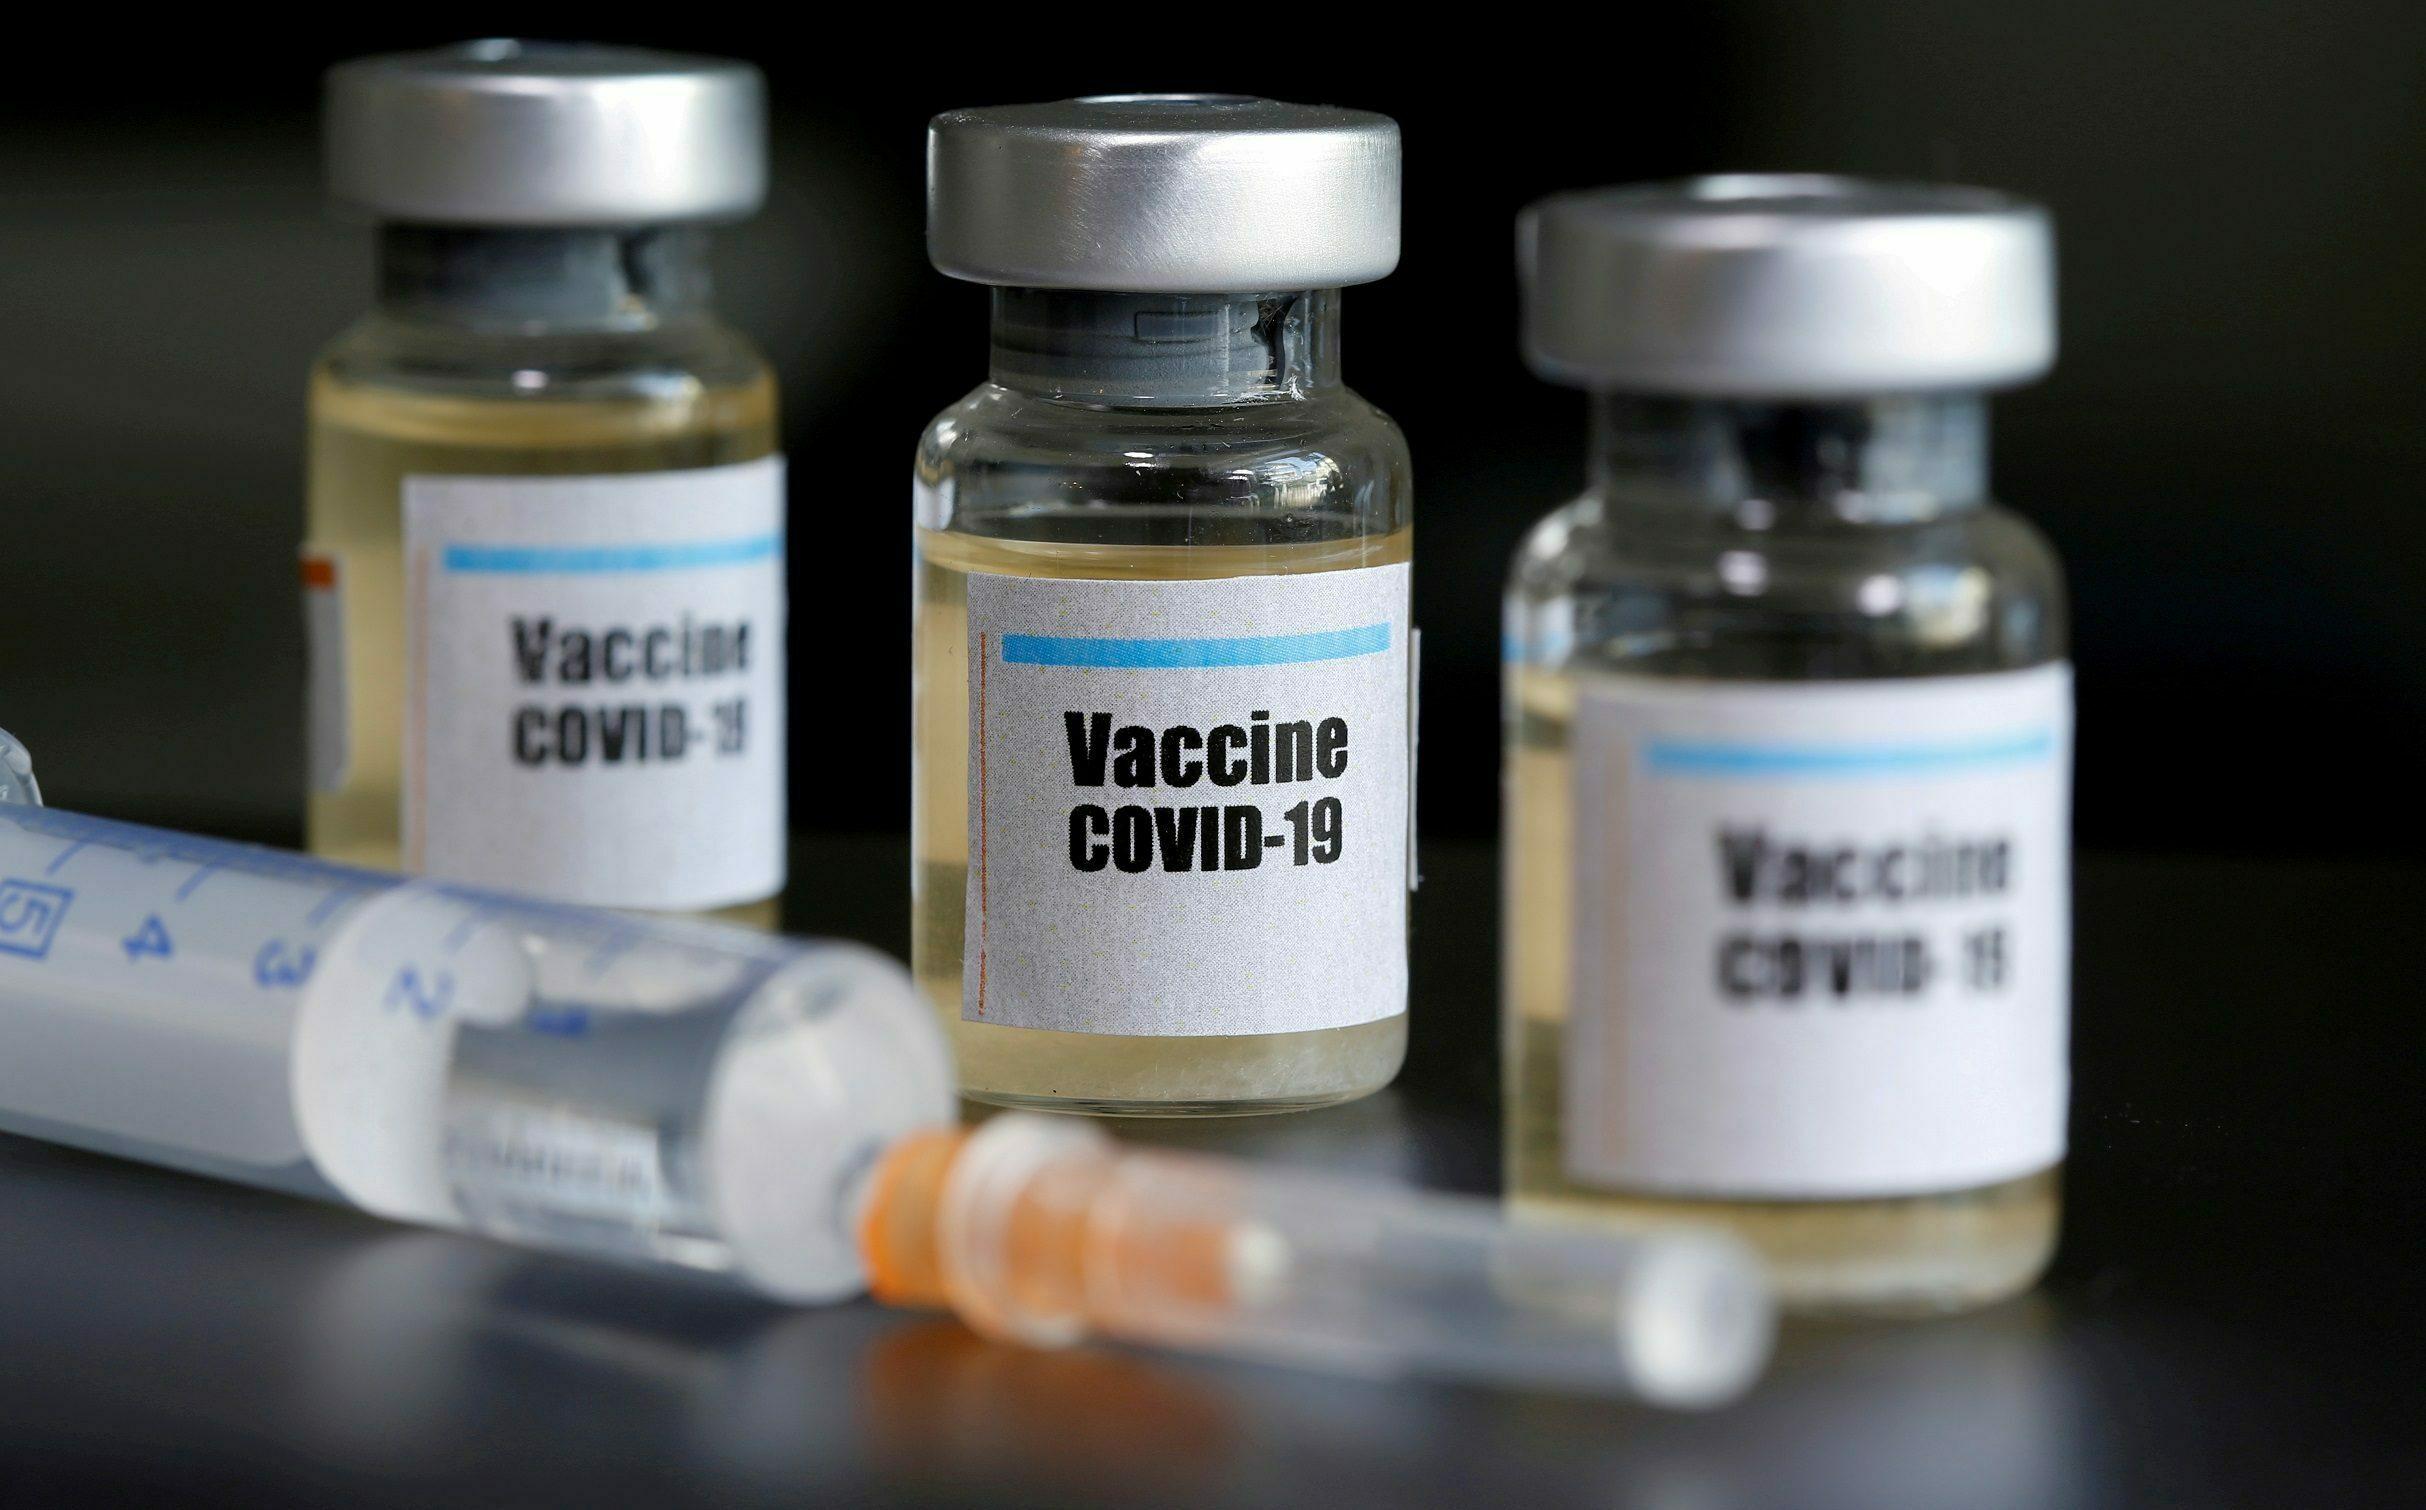 จอห์นสันฯ รายล่าสุดยื่นขอขึ้นทะเบียนวัคซีนโควิด-19 อย.เผยอยู่ในขั้นตรวจเอกสาร